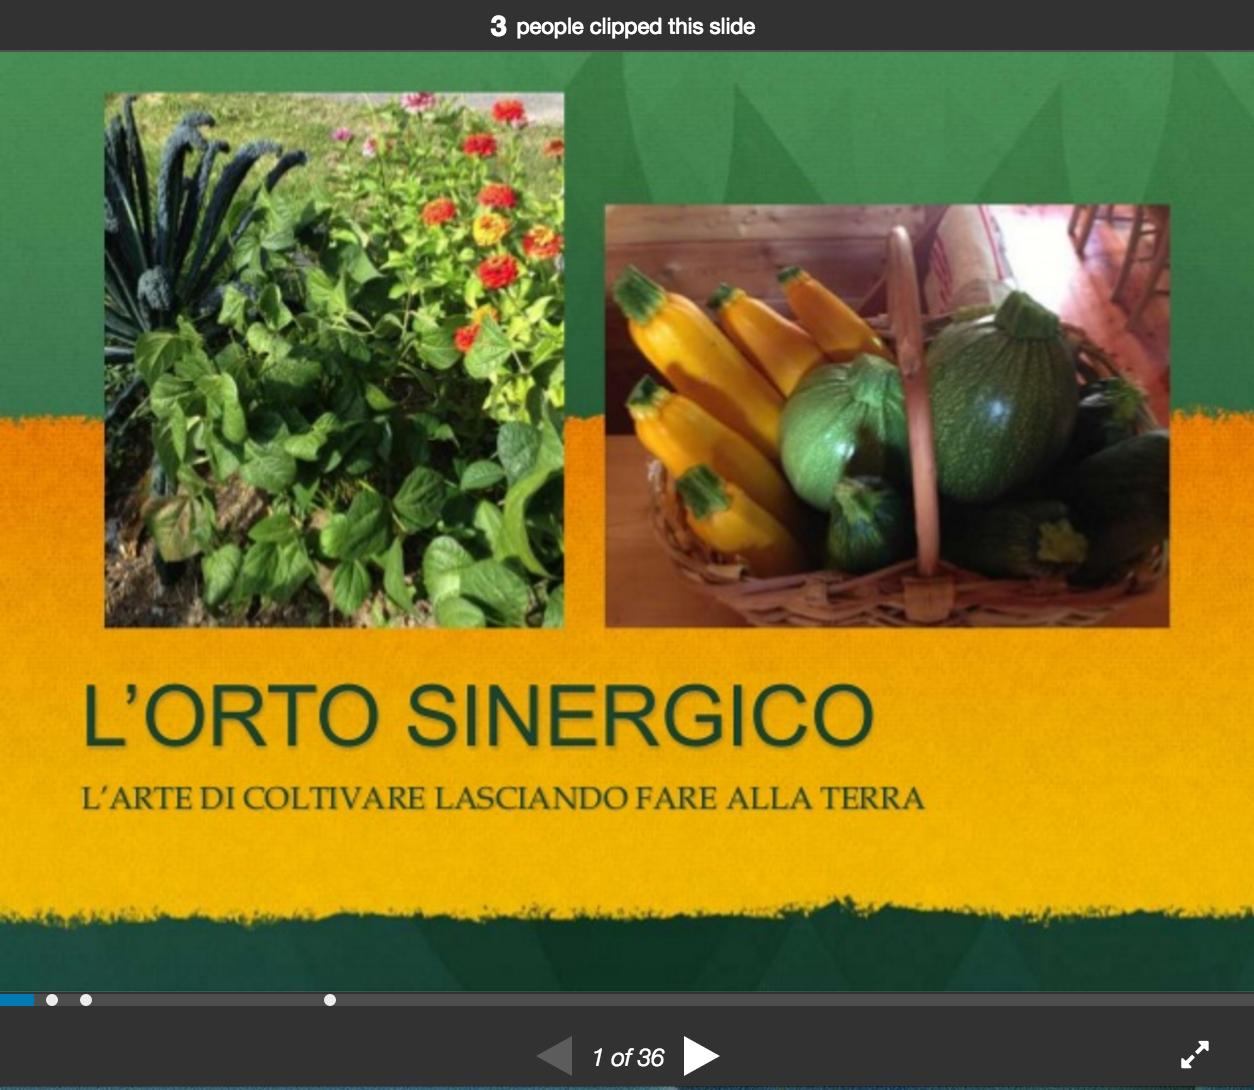 L'orto sinergico: l'arte di coltivare lasciando fare la terra (di Marco Garoffolo)